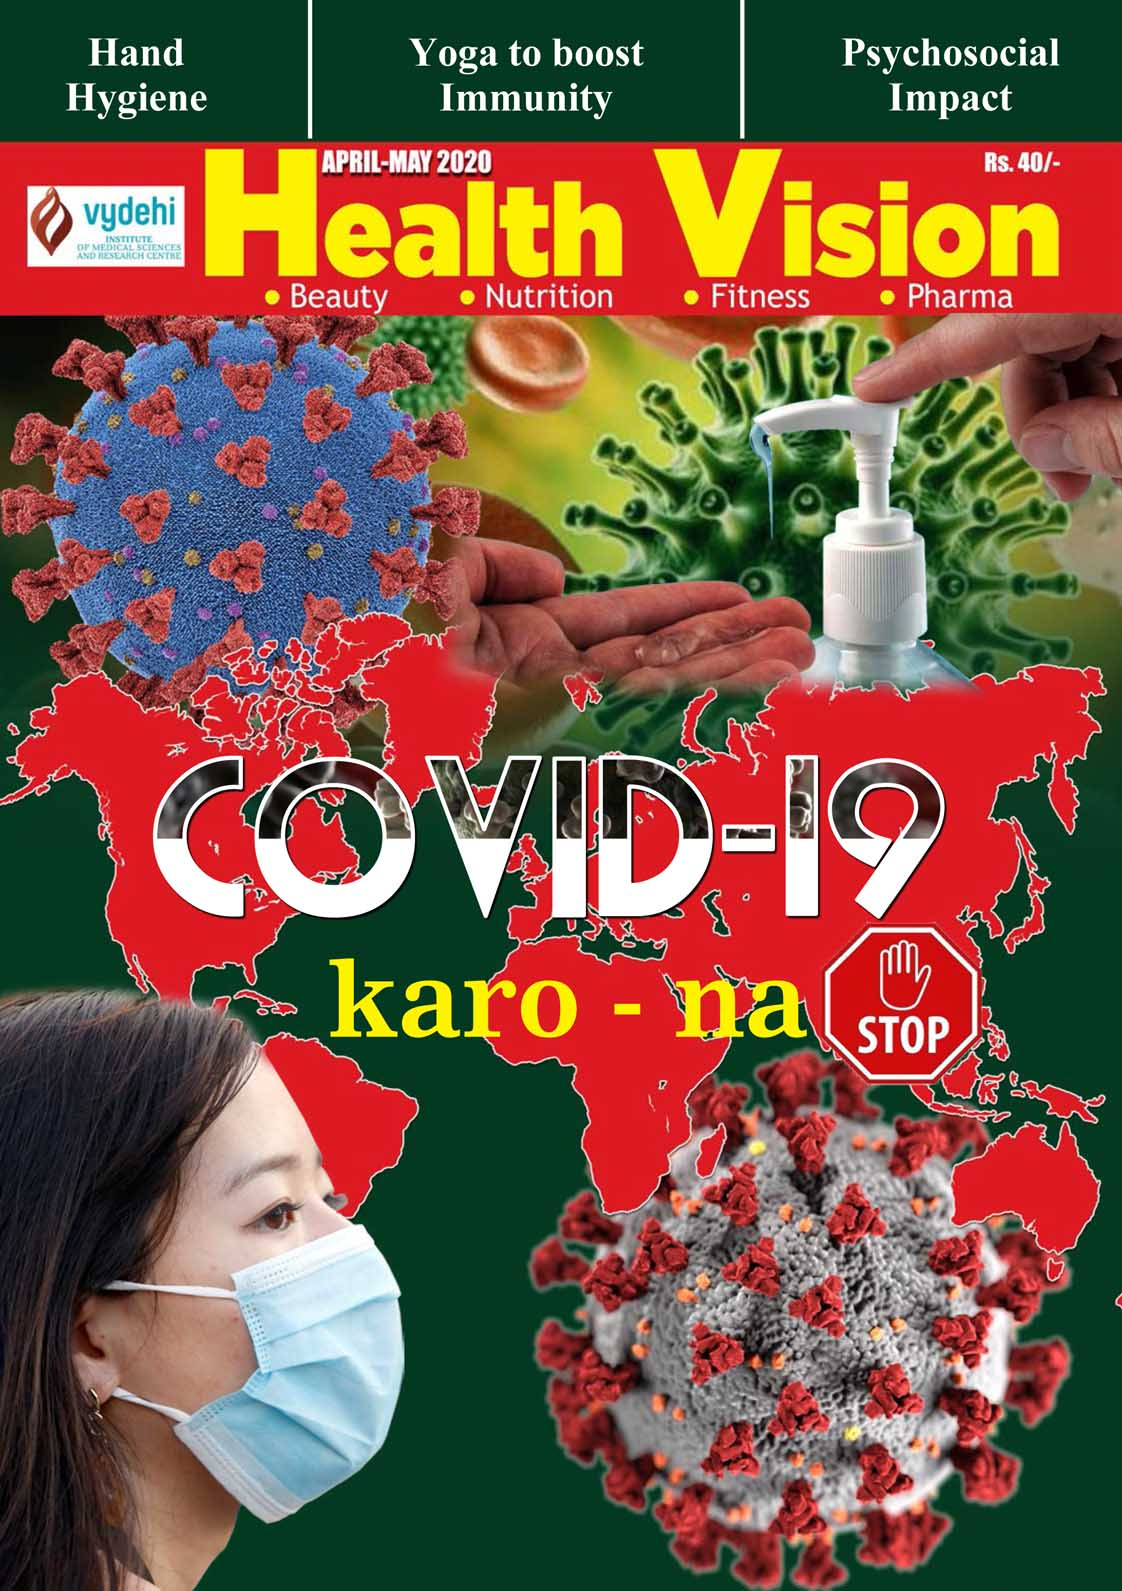 HEALTH VISION – APRIL-MAY 2020